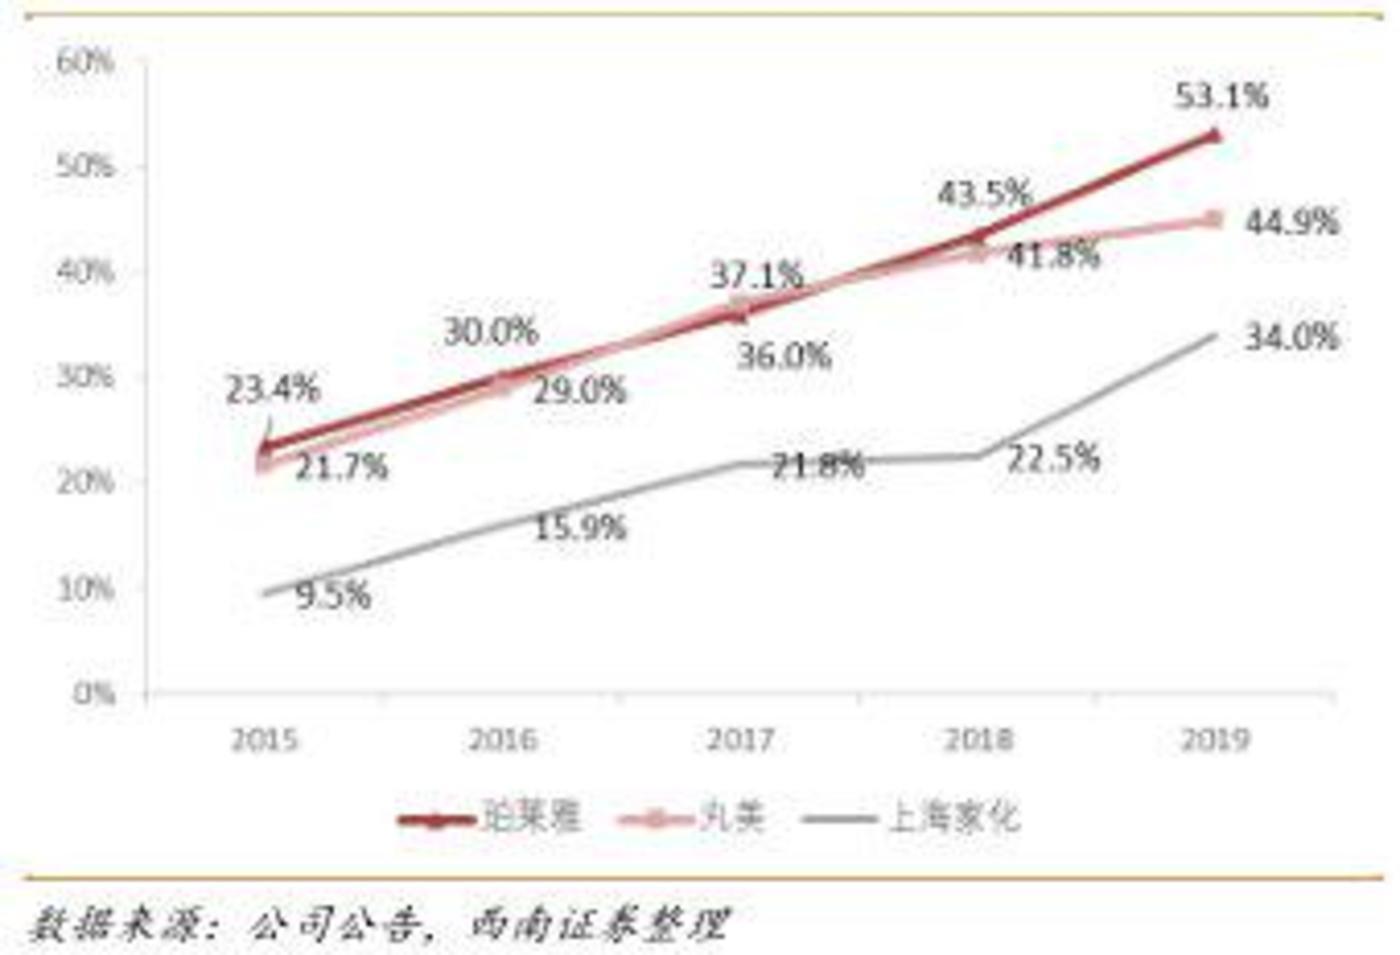 ▲2015-2019年国内化妆品上市公司线上收入占比